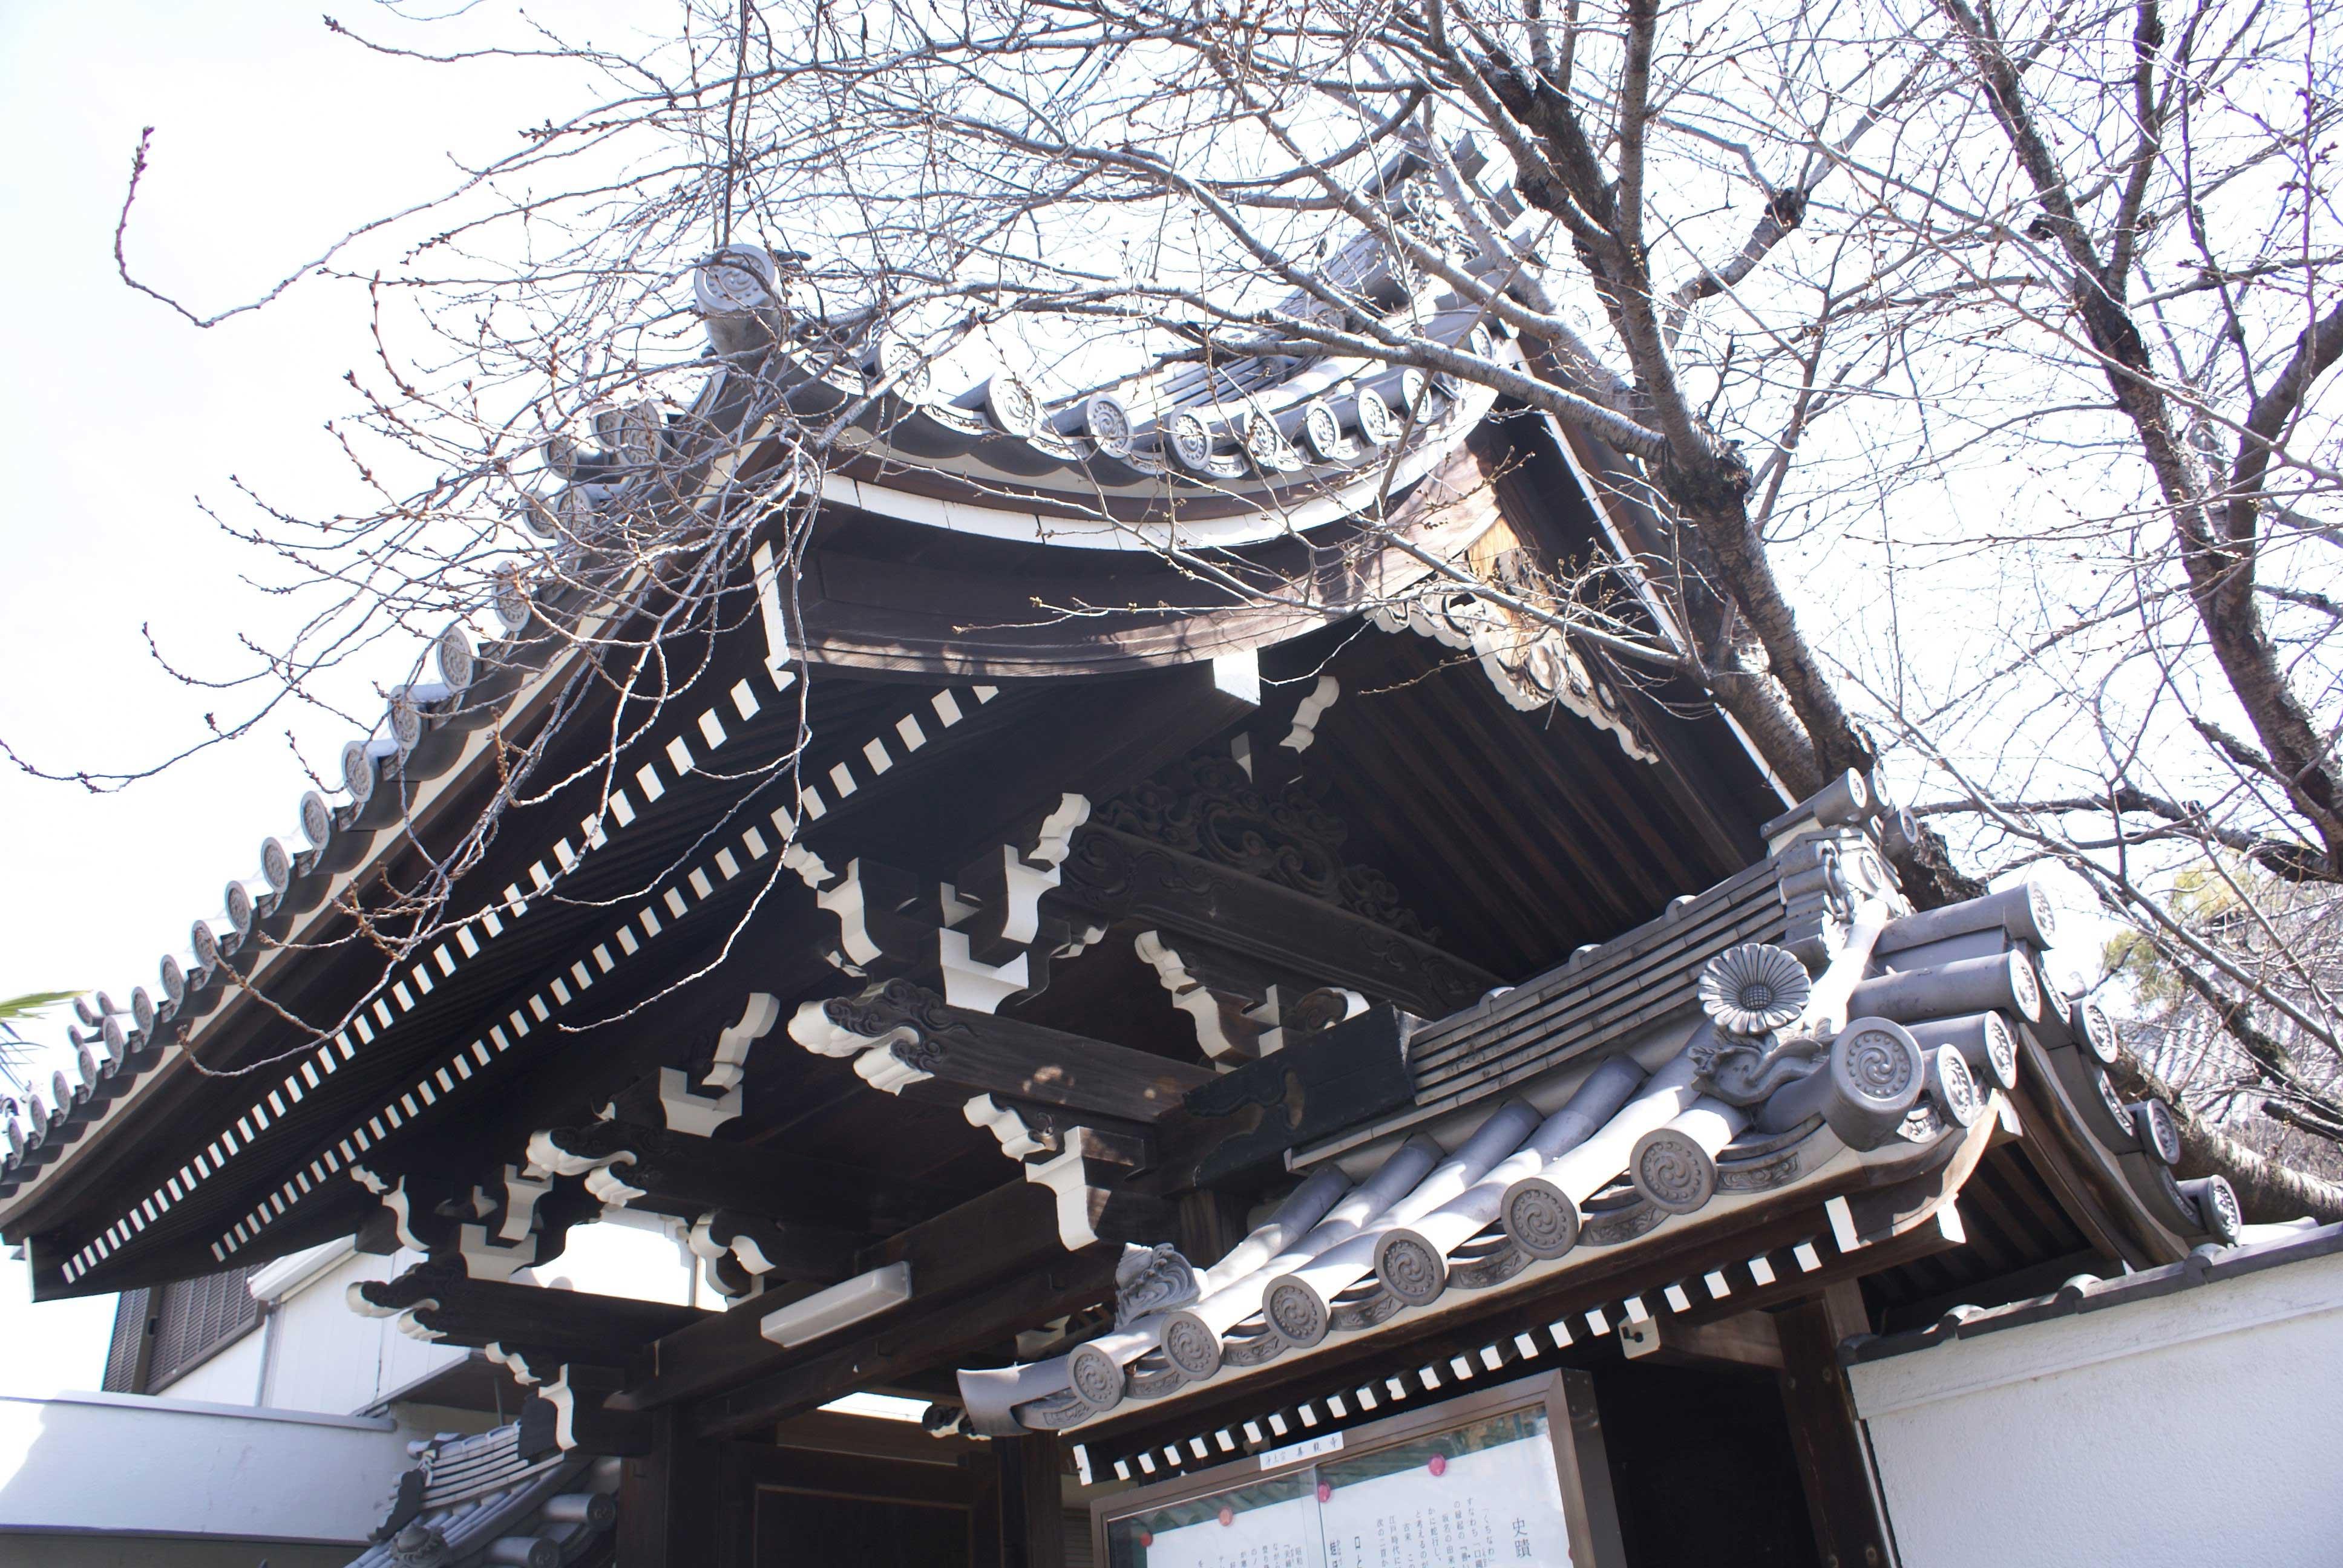 <p>由山花看構架。</p>構架以冠木上置男梁以設平三斗,由此支承山花虹梁,山花飾以雲紋彫刻的蟇股。